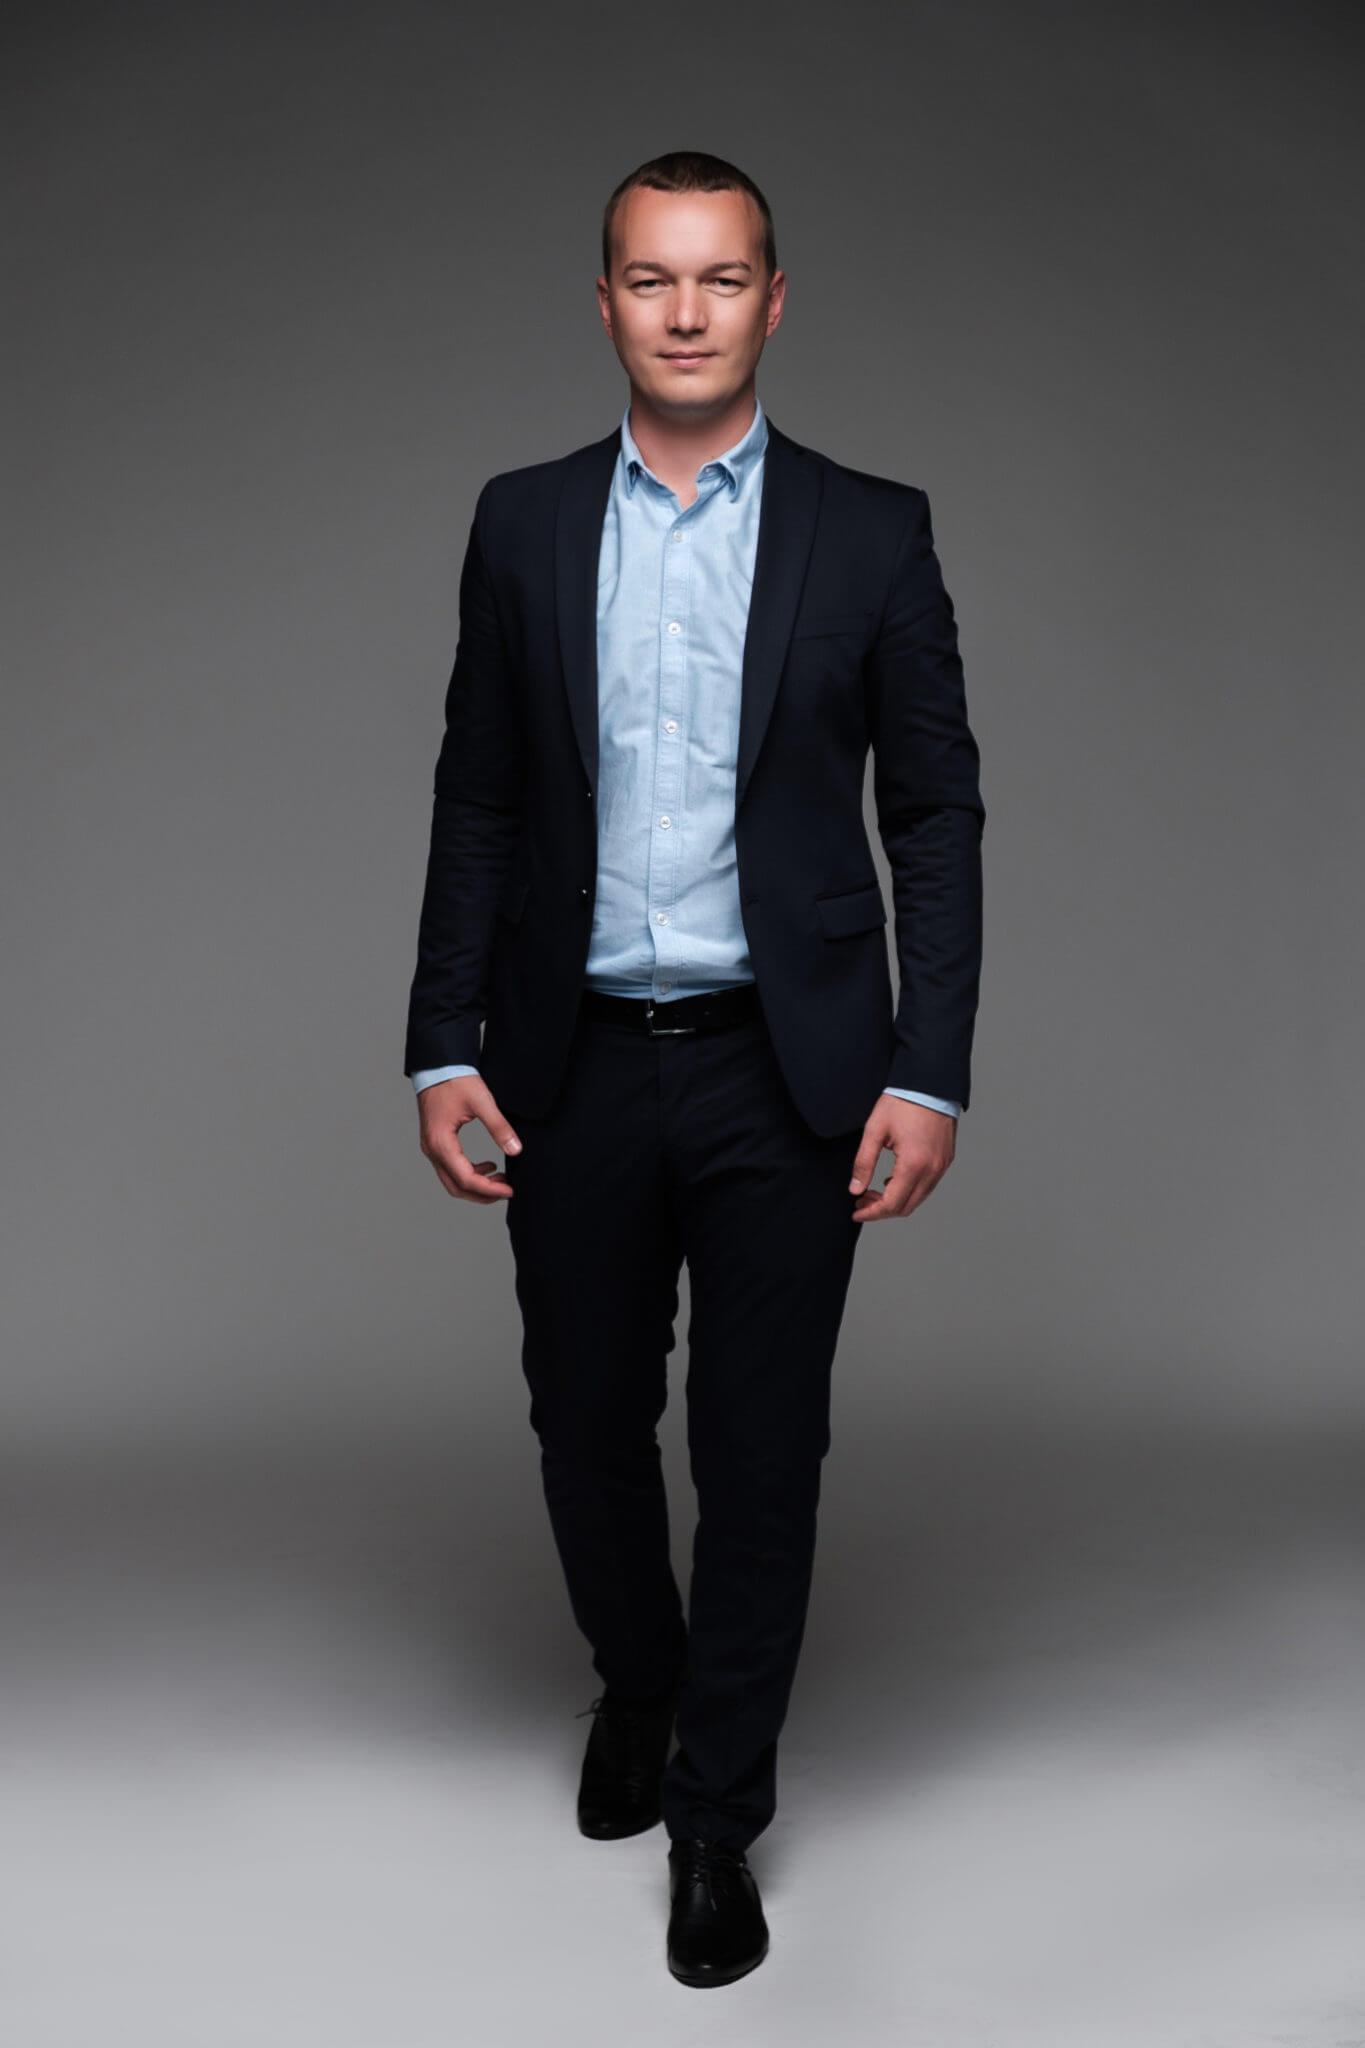 Деловой портрет, бизнес портфолио, поясной портрет мужчины в пиджаке, серый фон